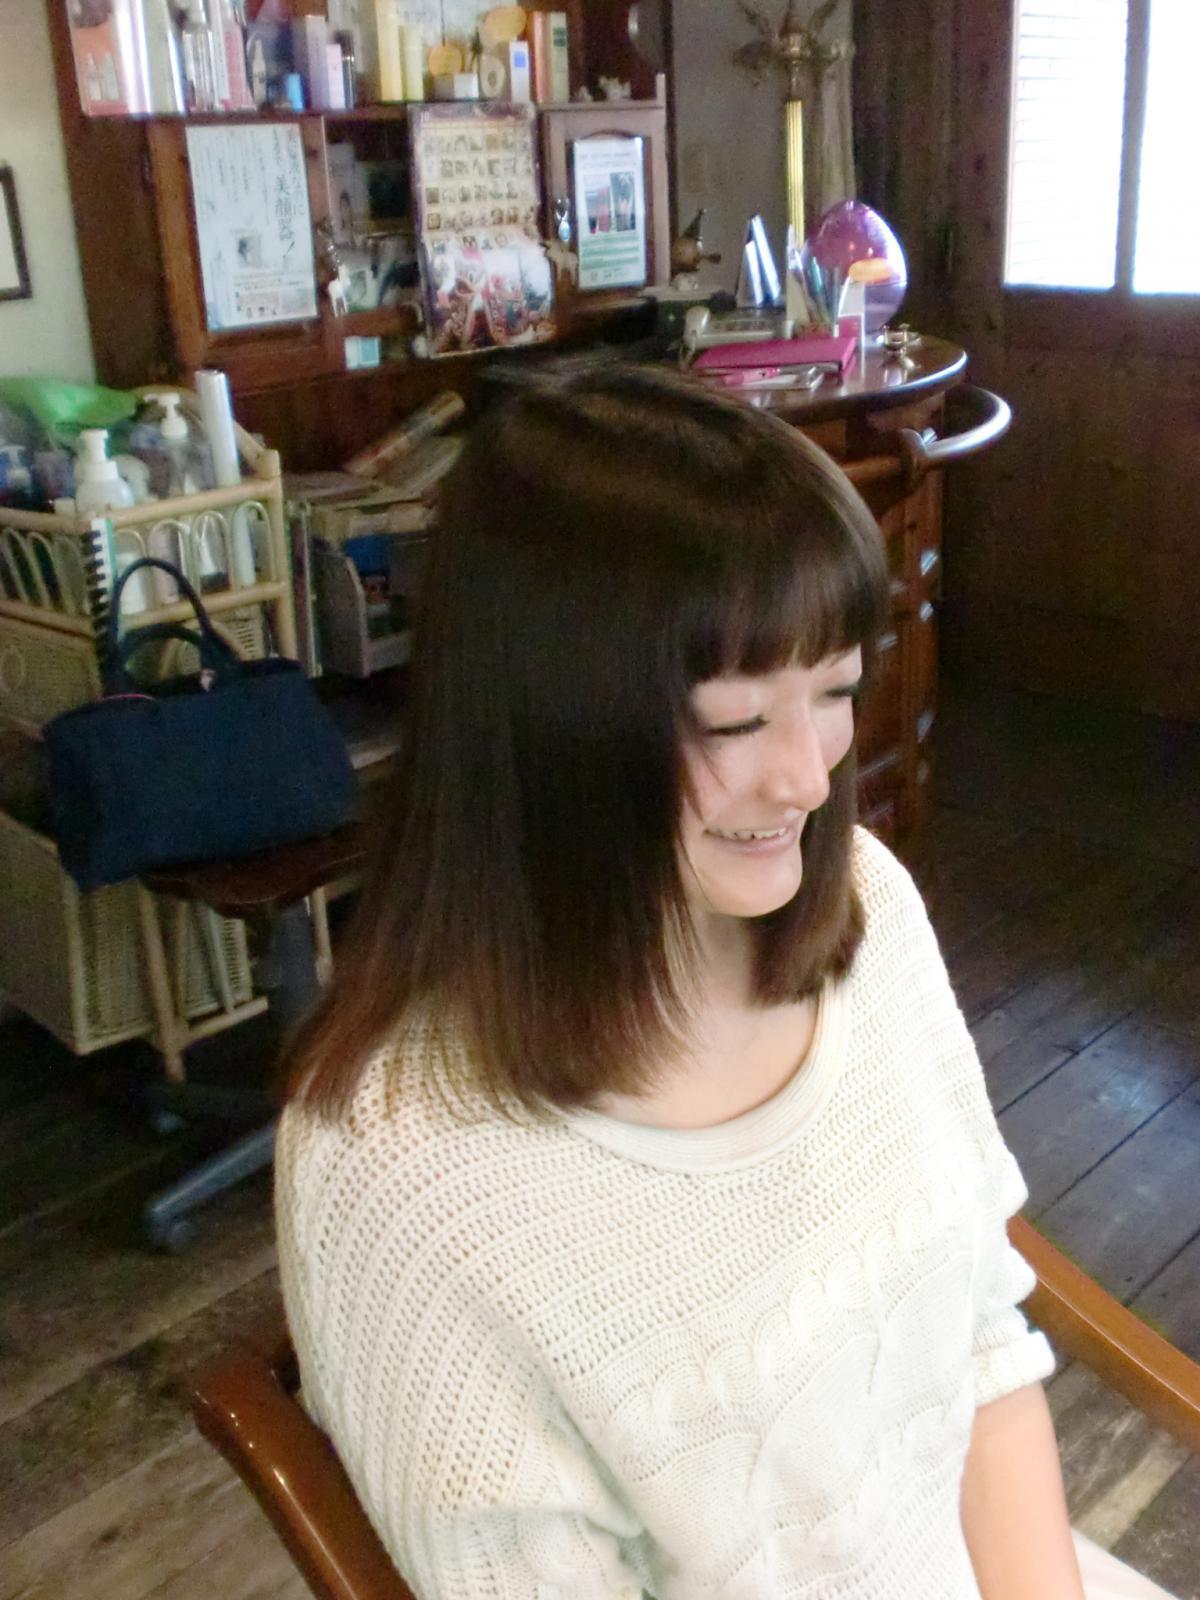 パサパサに傷んだ髪を『電子トリートメント』でツヤツヤ、サラサラ髪に